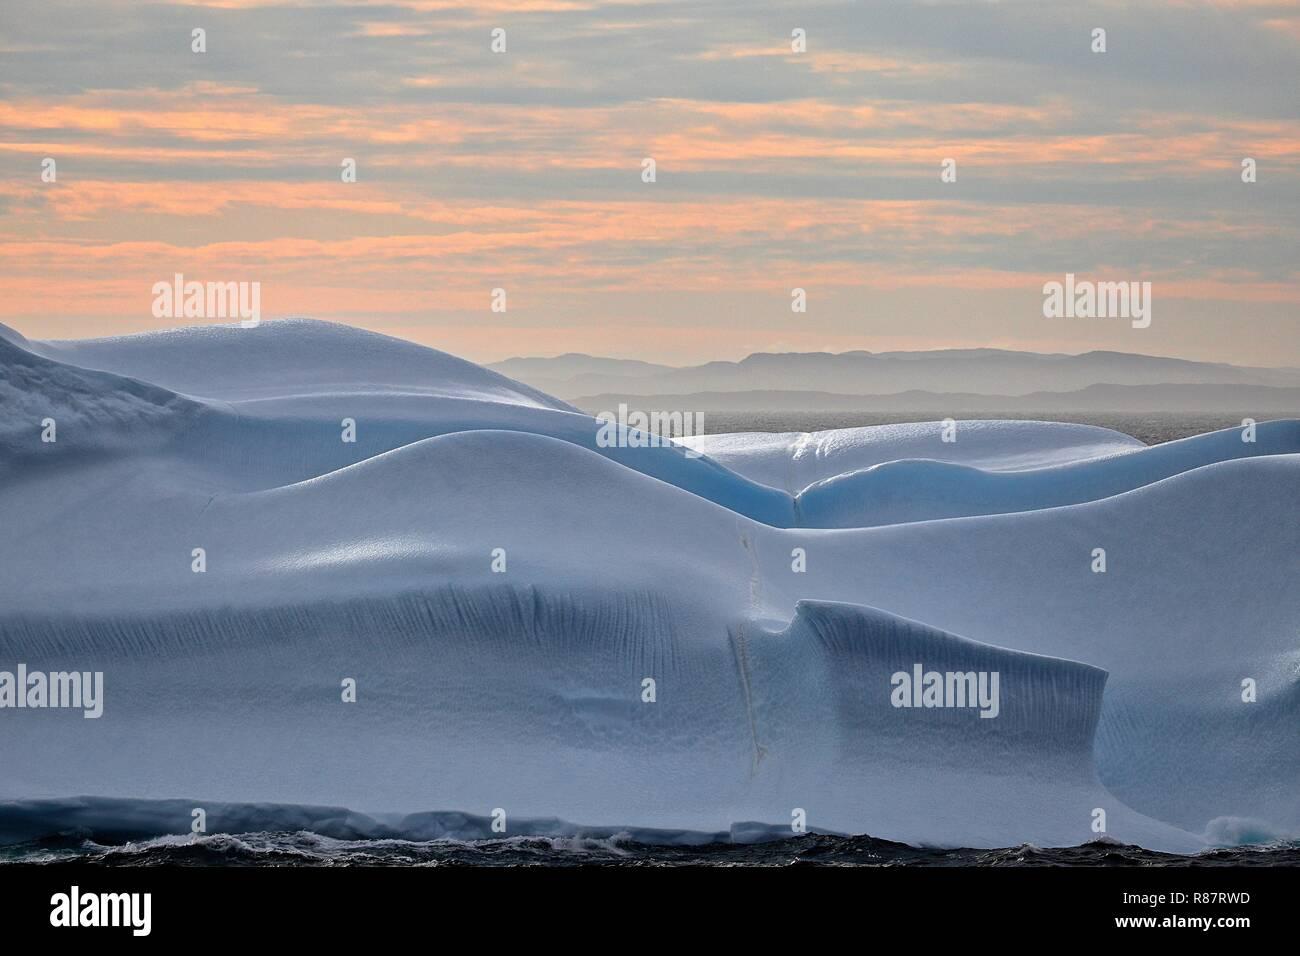 Grönland Disko Bucht: Ein Eisberg wie gemalt. - Stock Image